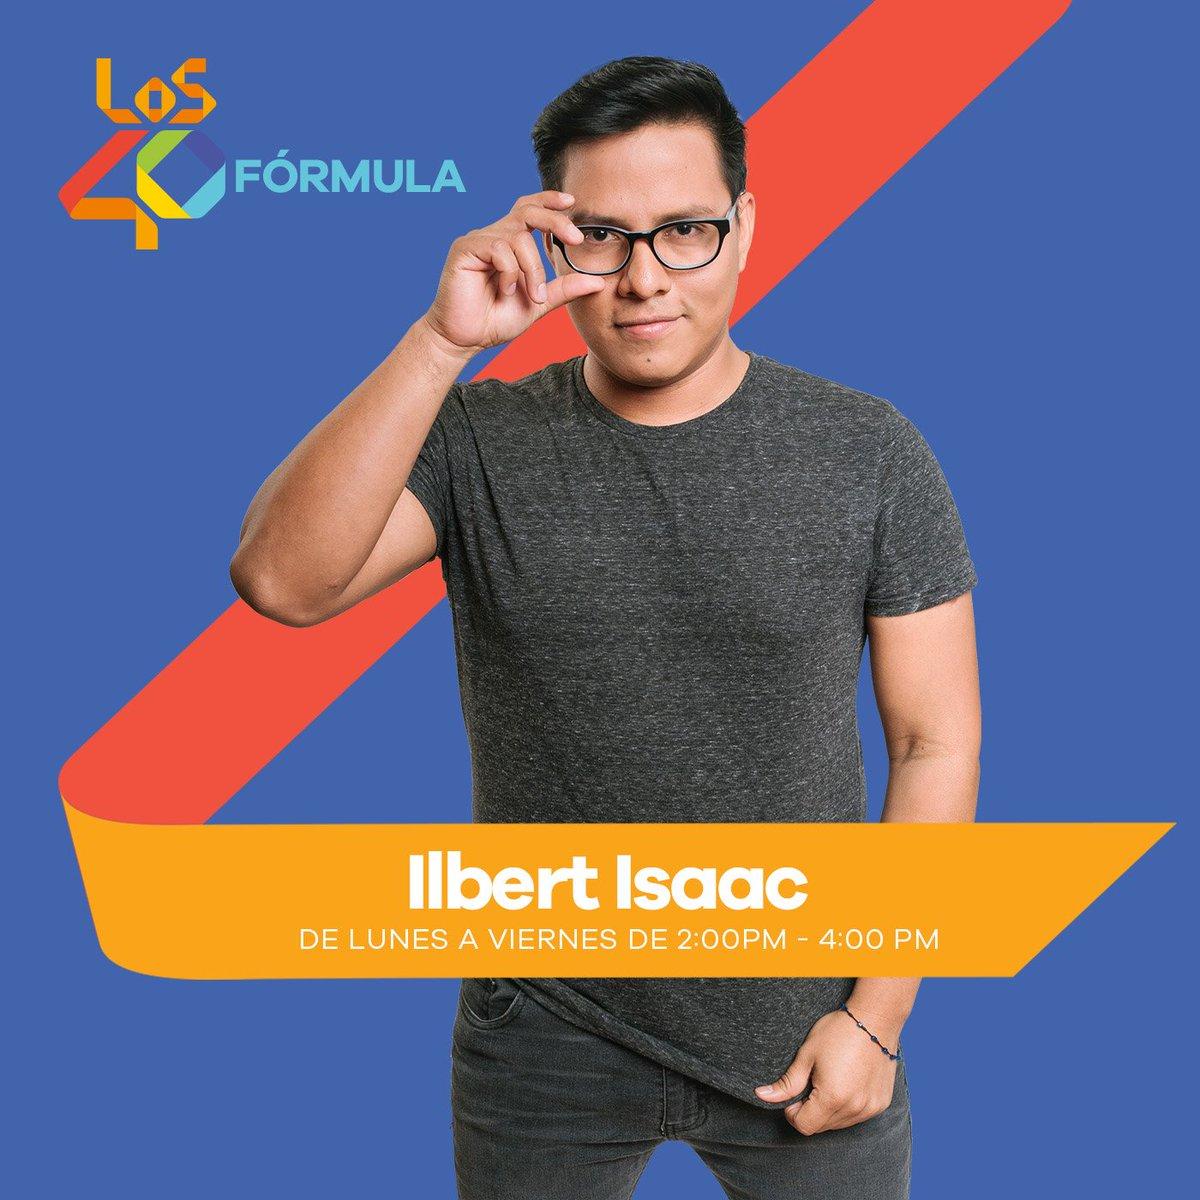 Llega @Ilbertisaac a cabina! Pídele tu canción favorita al #Whatsapp40 62616309